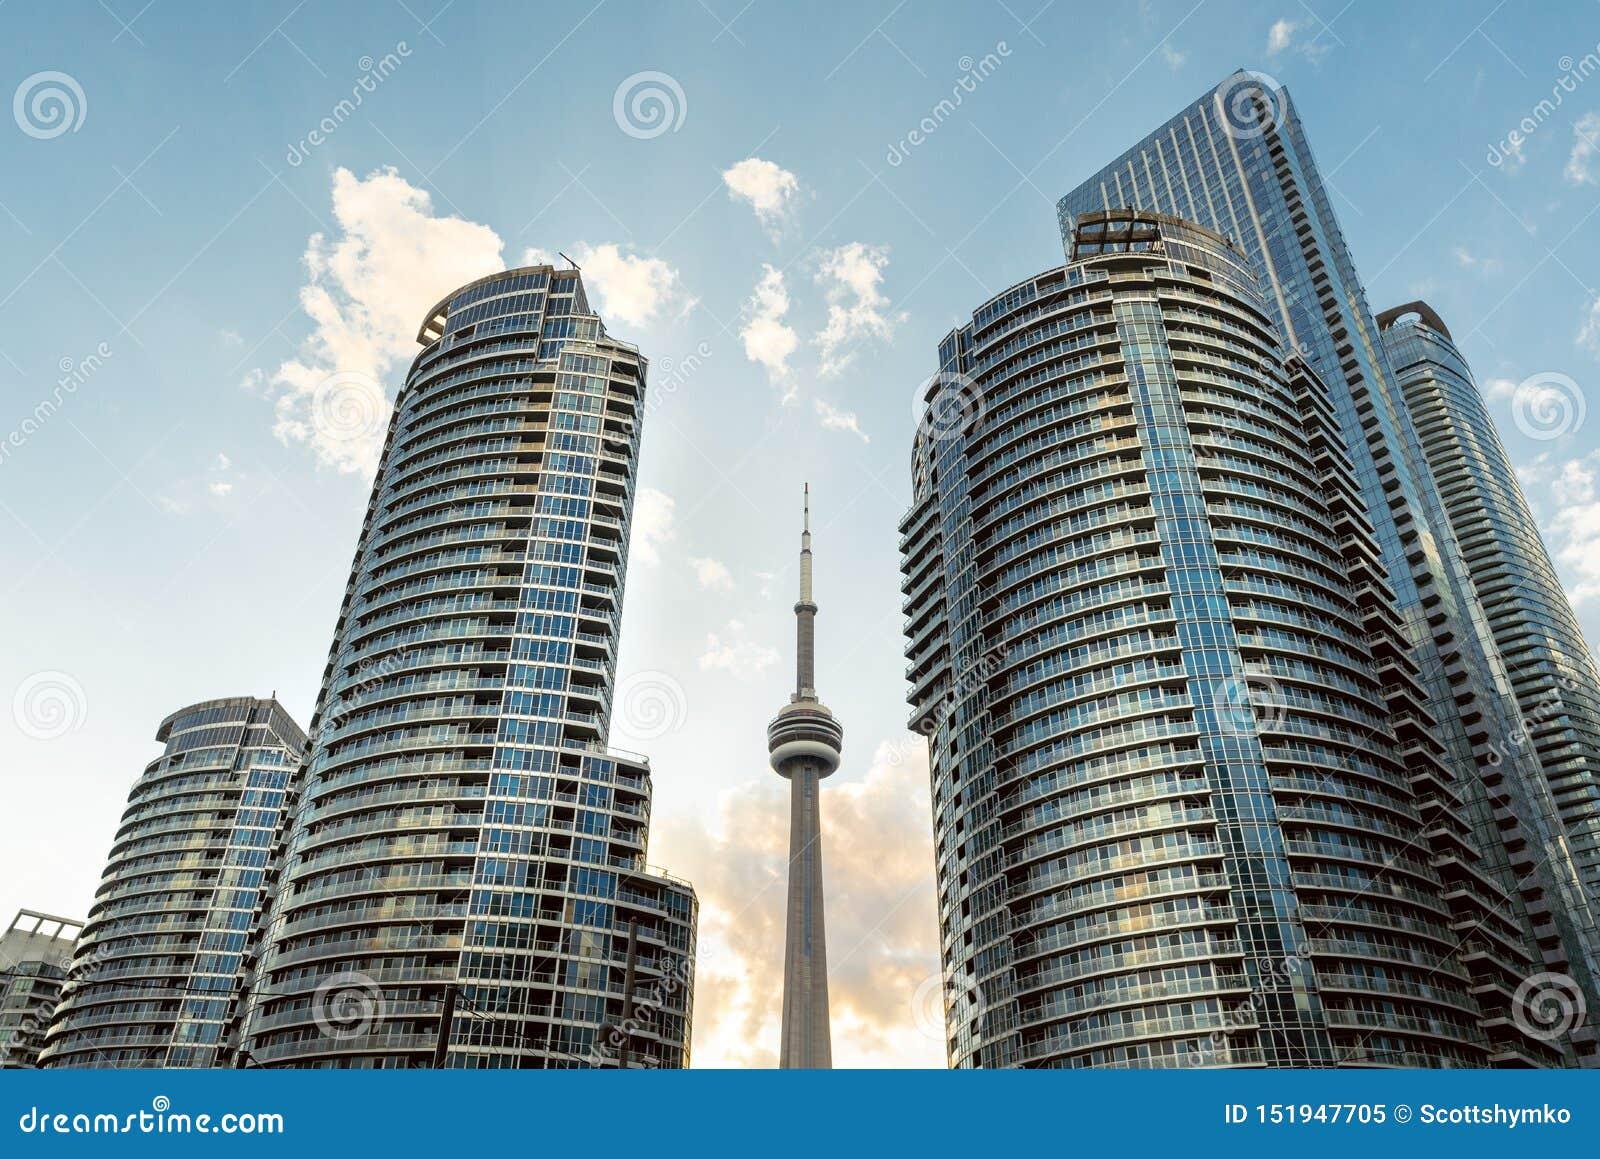 Eine drastische Ansicht von hohen Aufstiegstürmen Toronto-Ufergegend